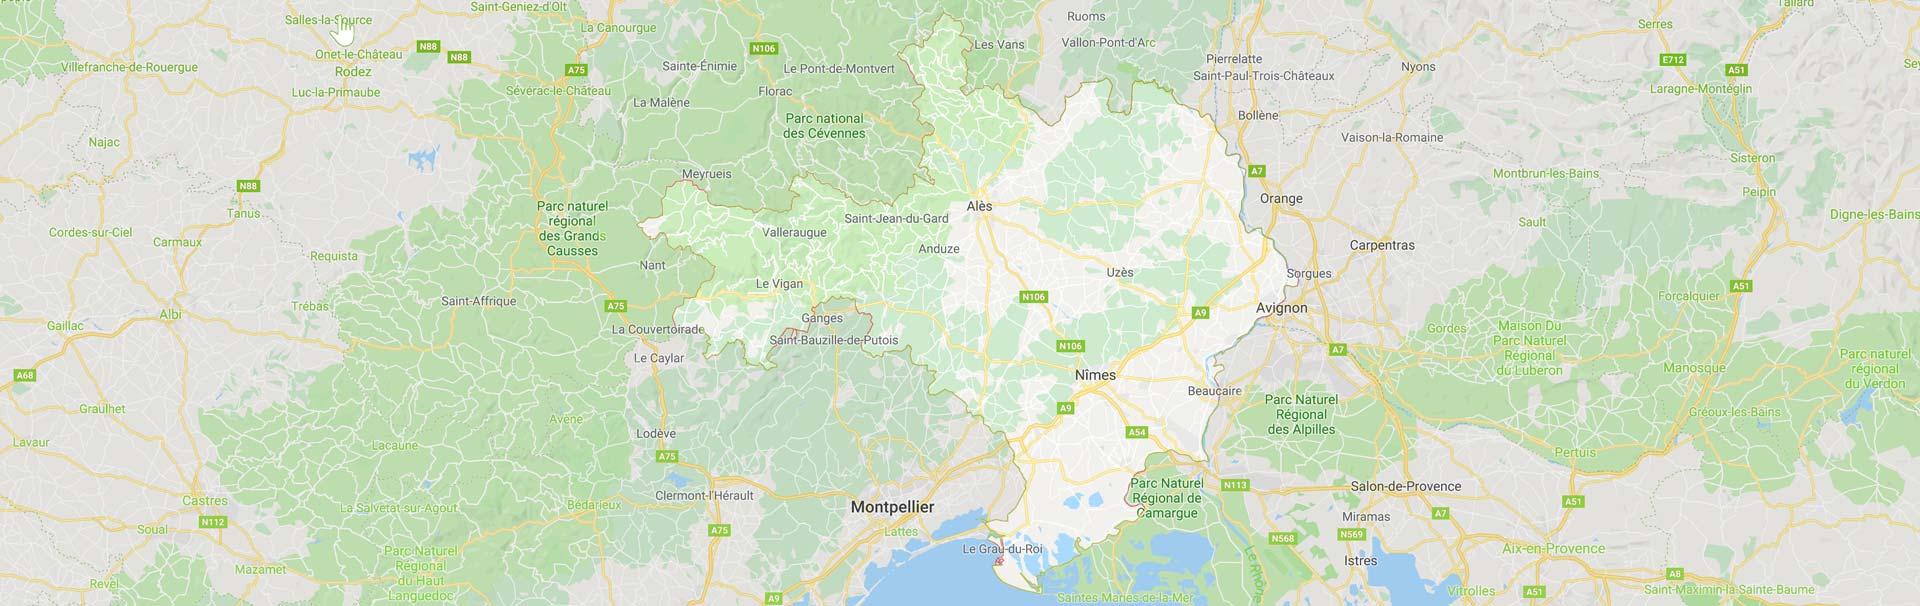 Zone d'internetion ZOne d'intervention Gard